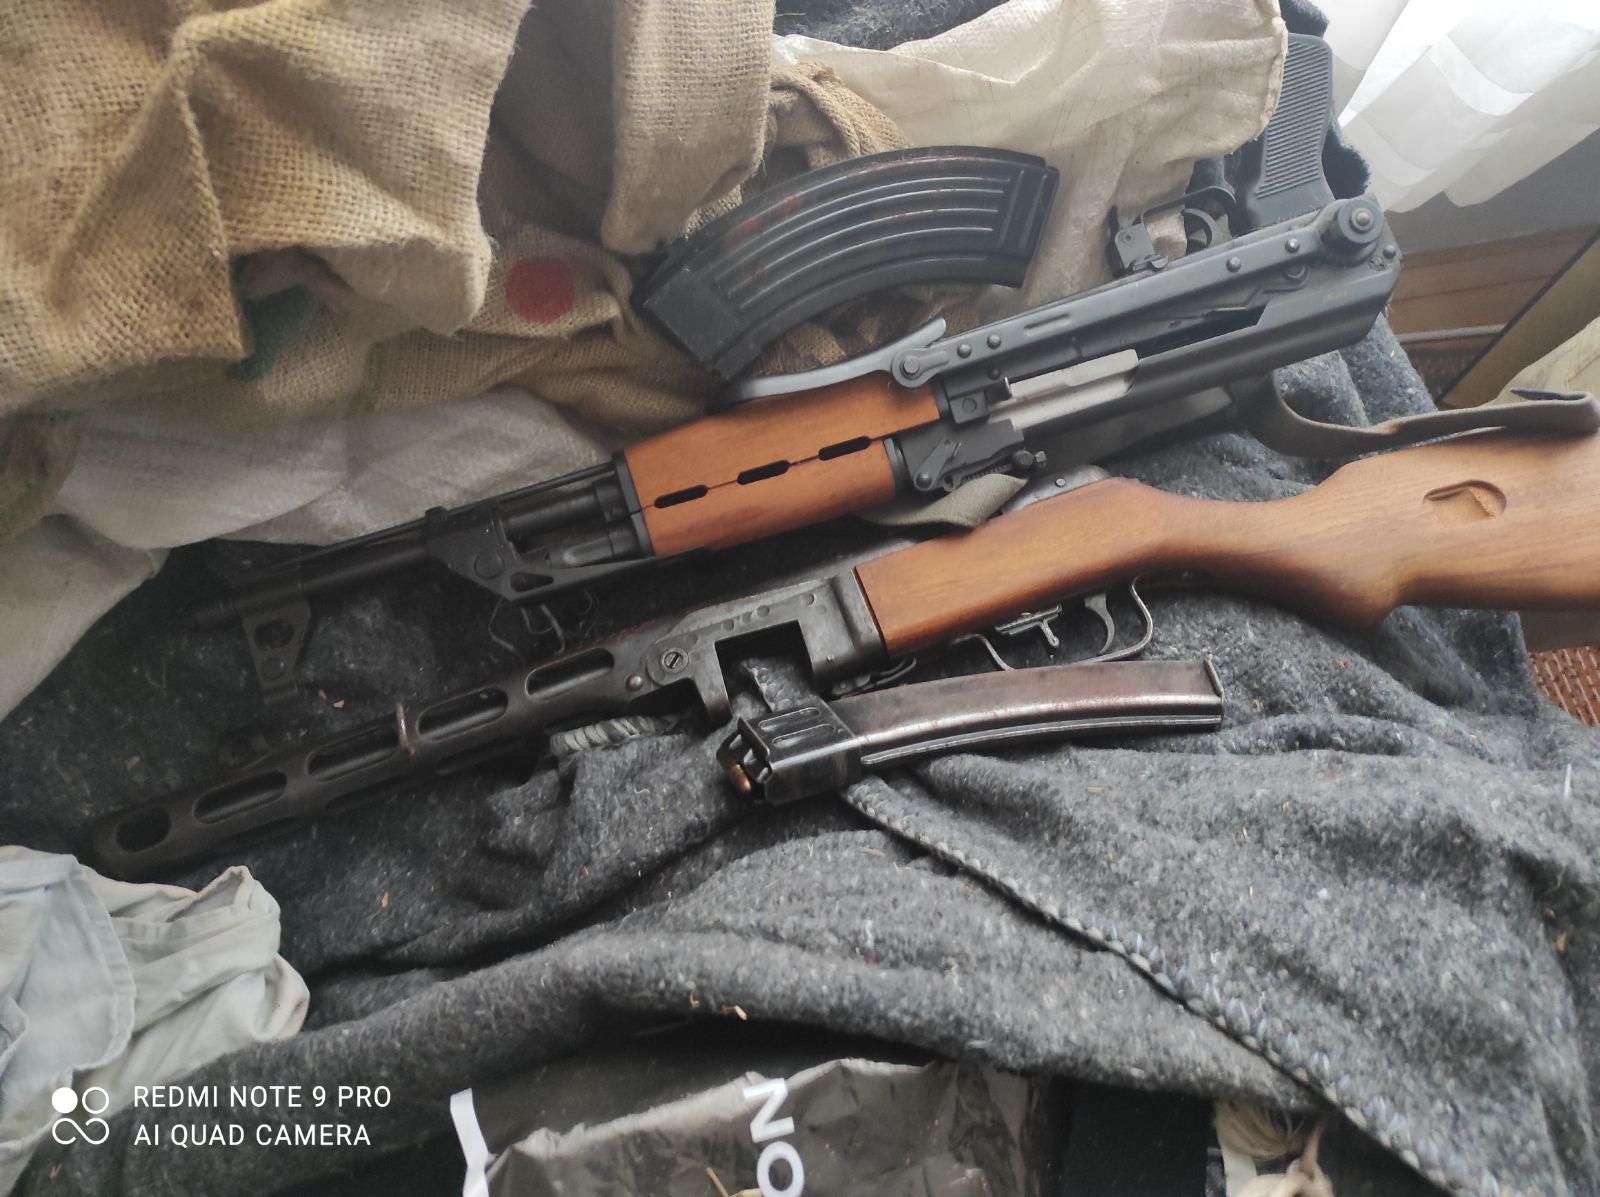 Policija pronašla oružje i marihuanu u porodičnoj kući u okolini Kruševca